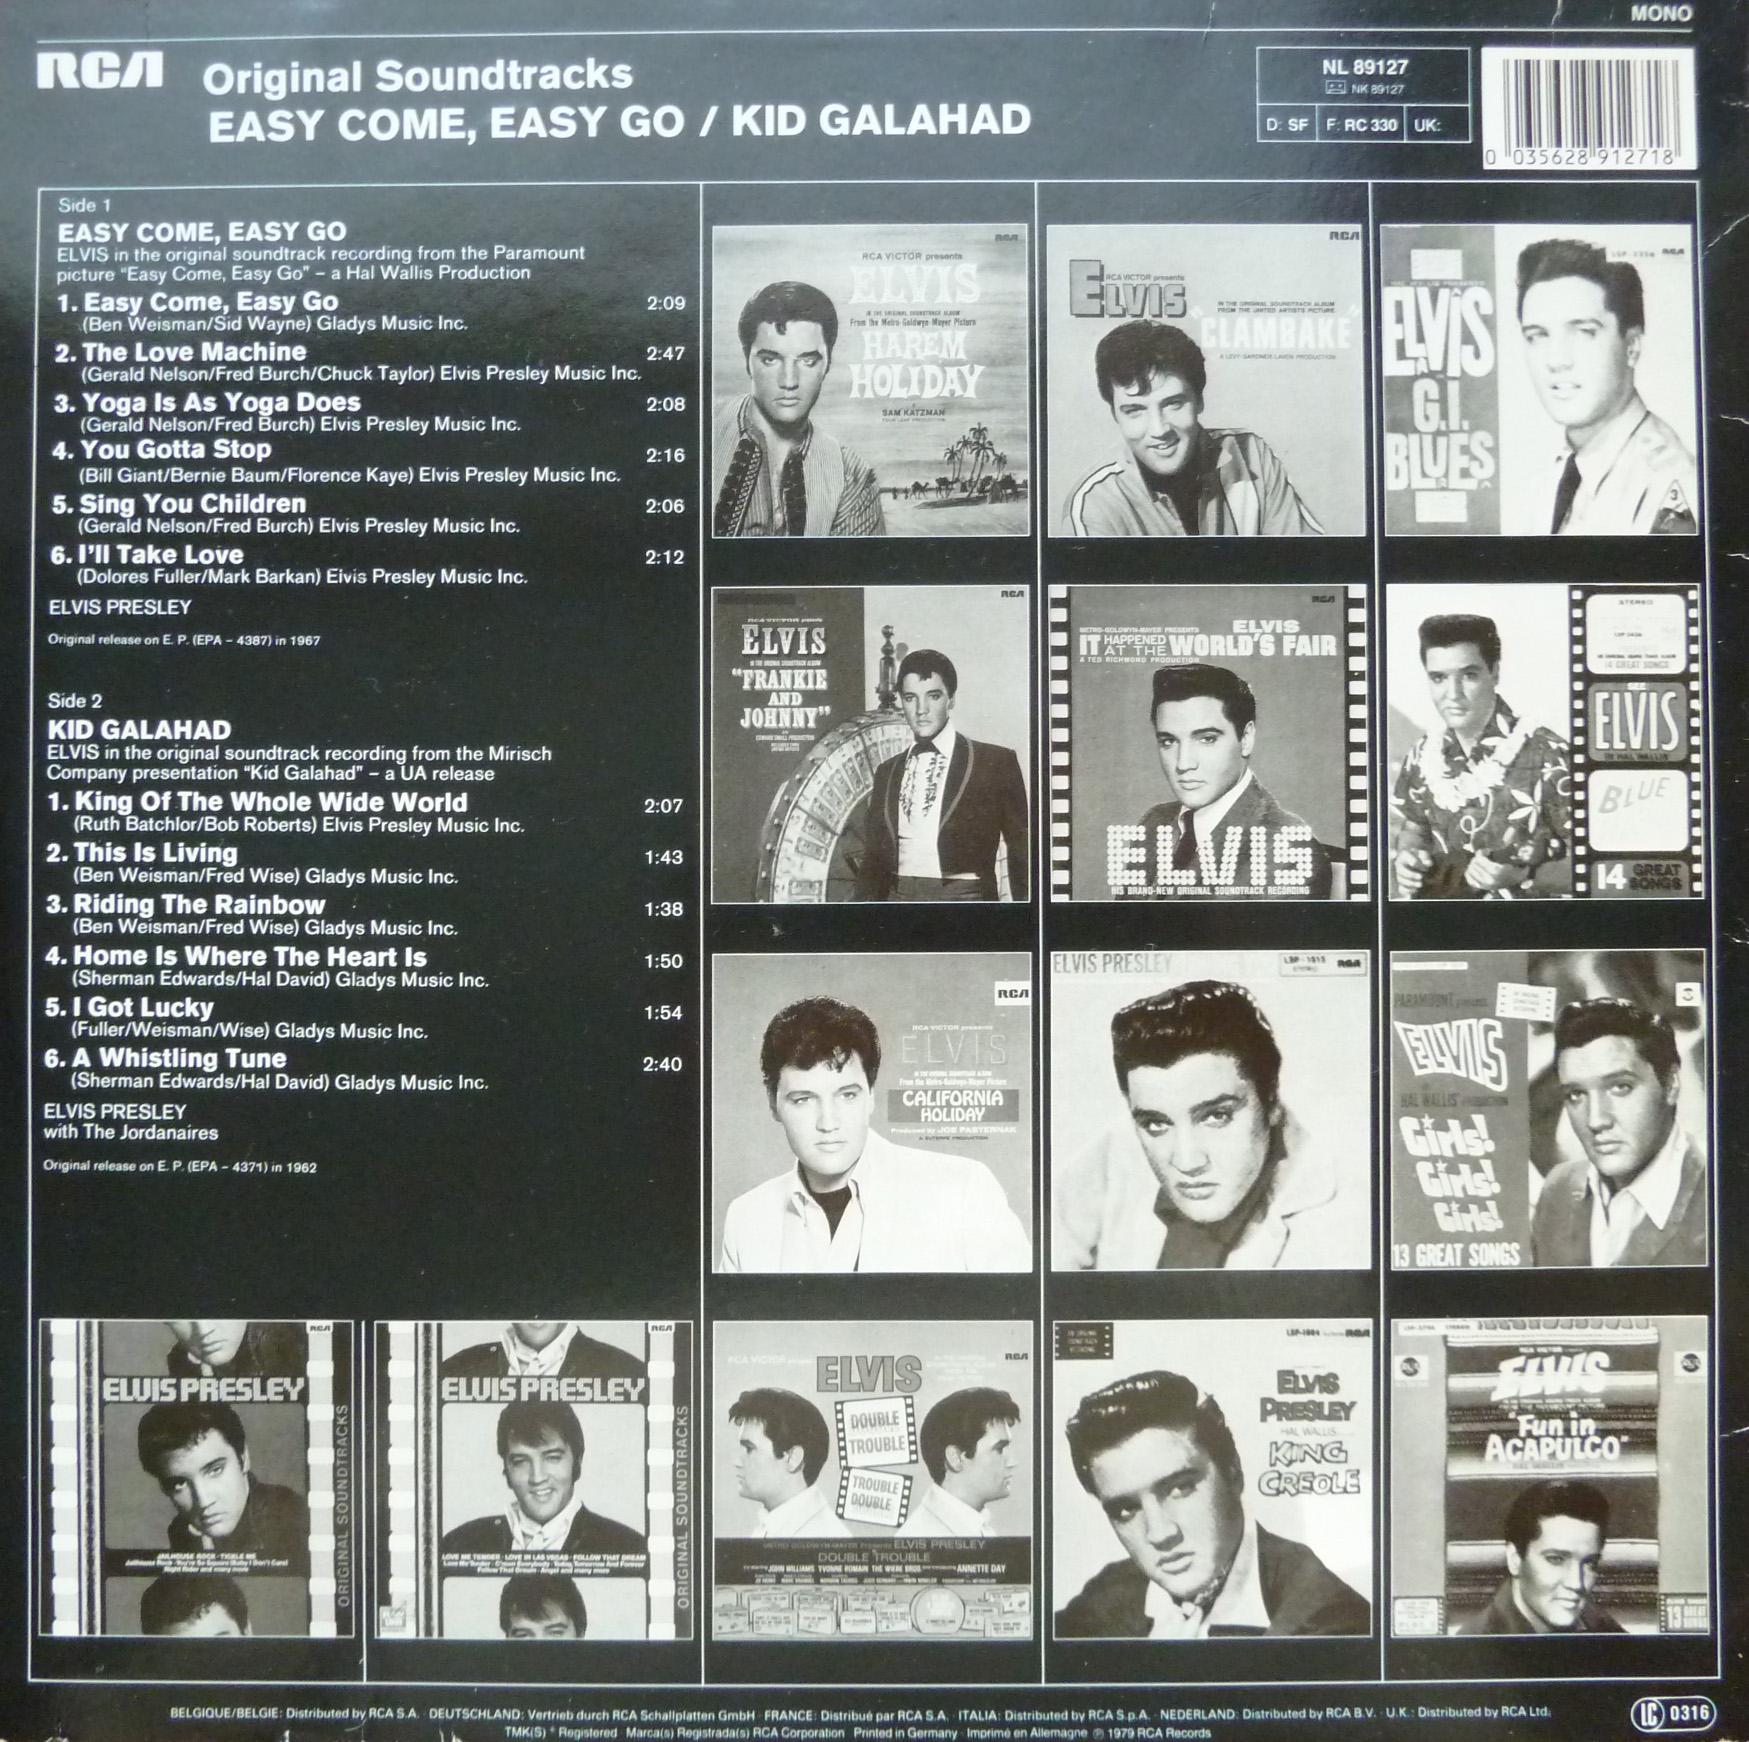 ORIGINAL SOUNDTRACKS: EASY COME EASY GO / KID GALAHAD Originalsoundtrackseas9fze